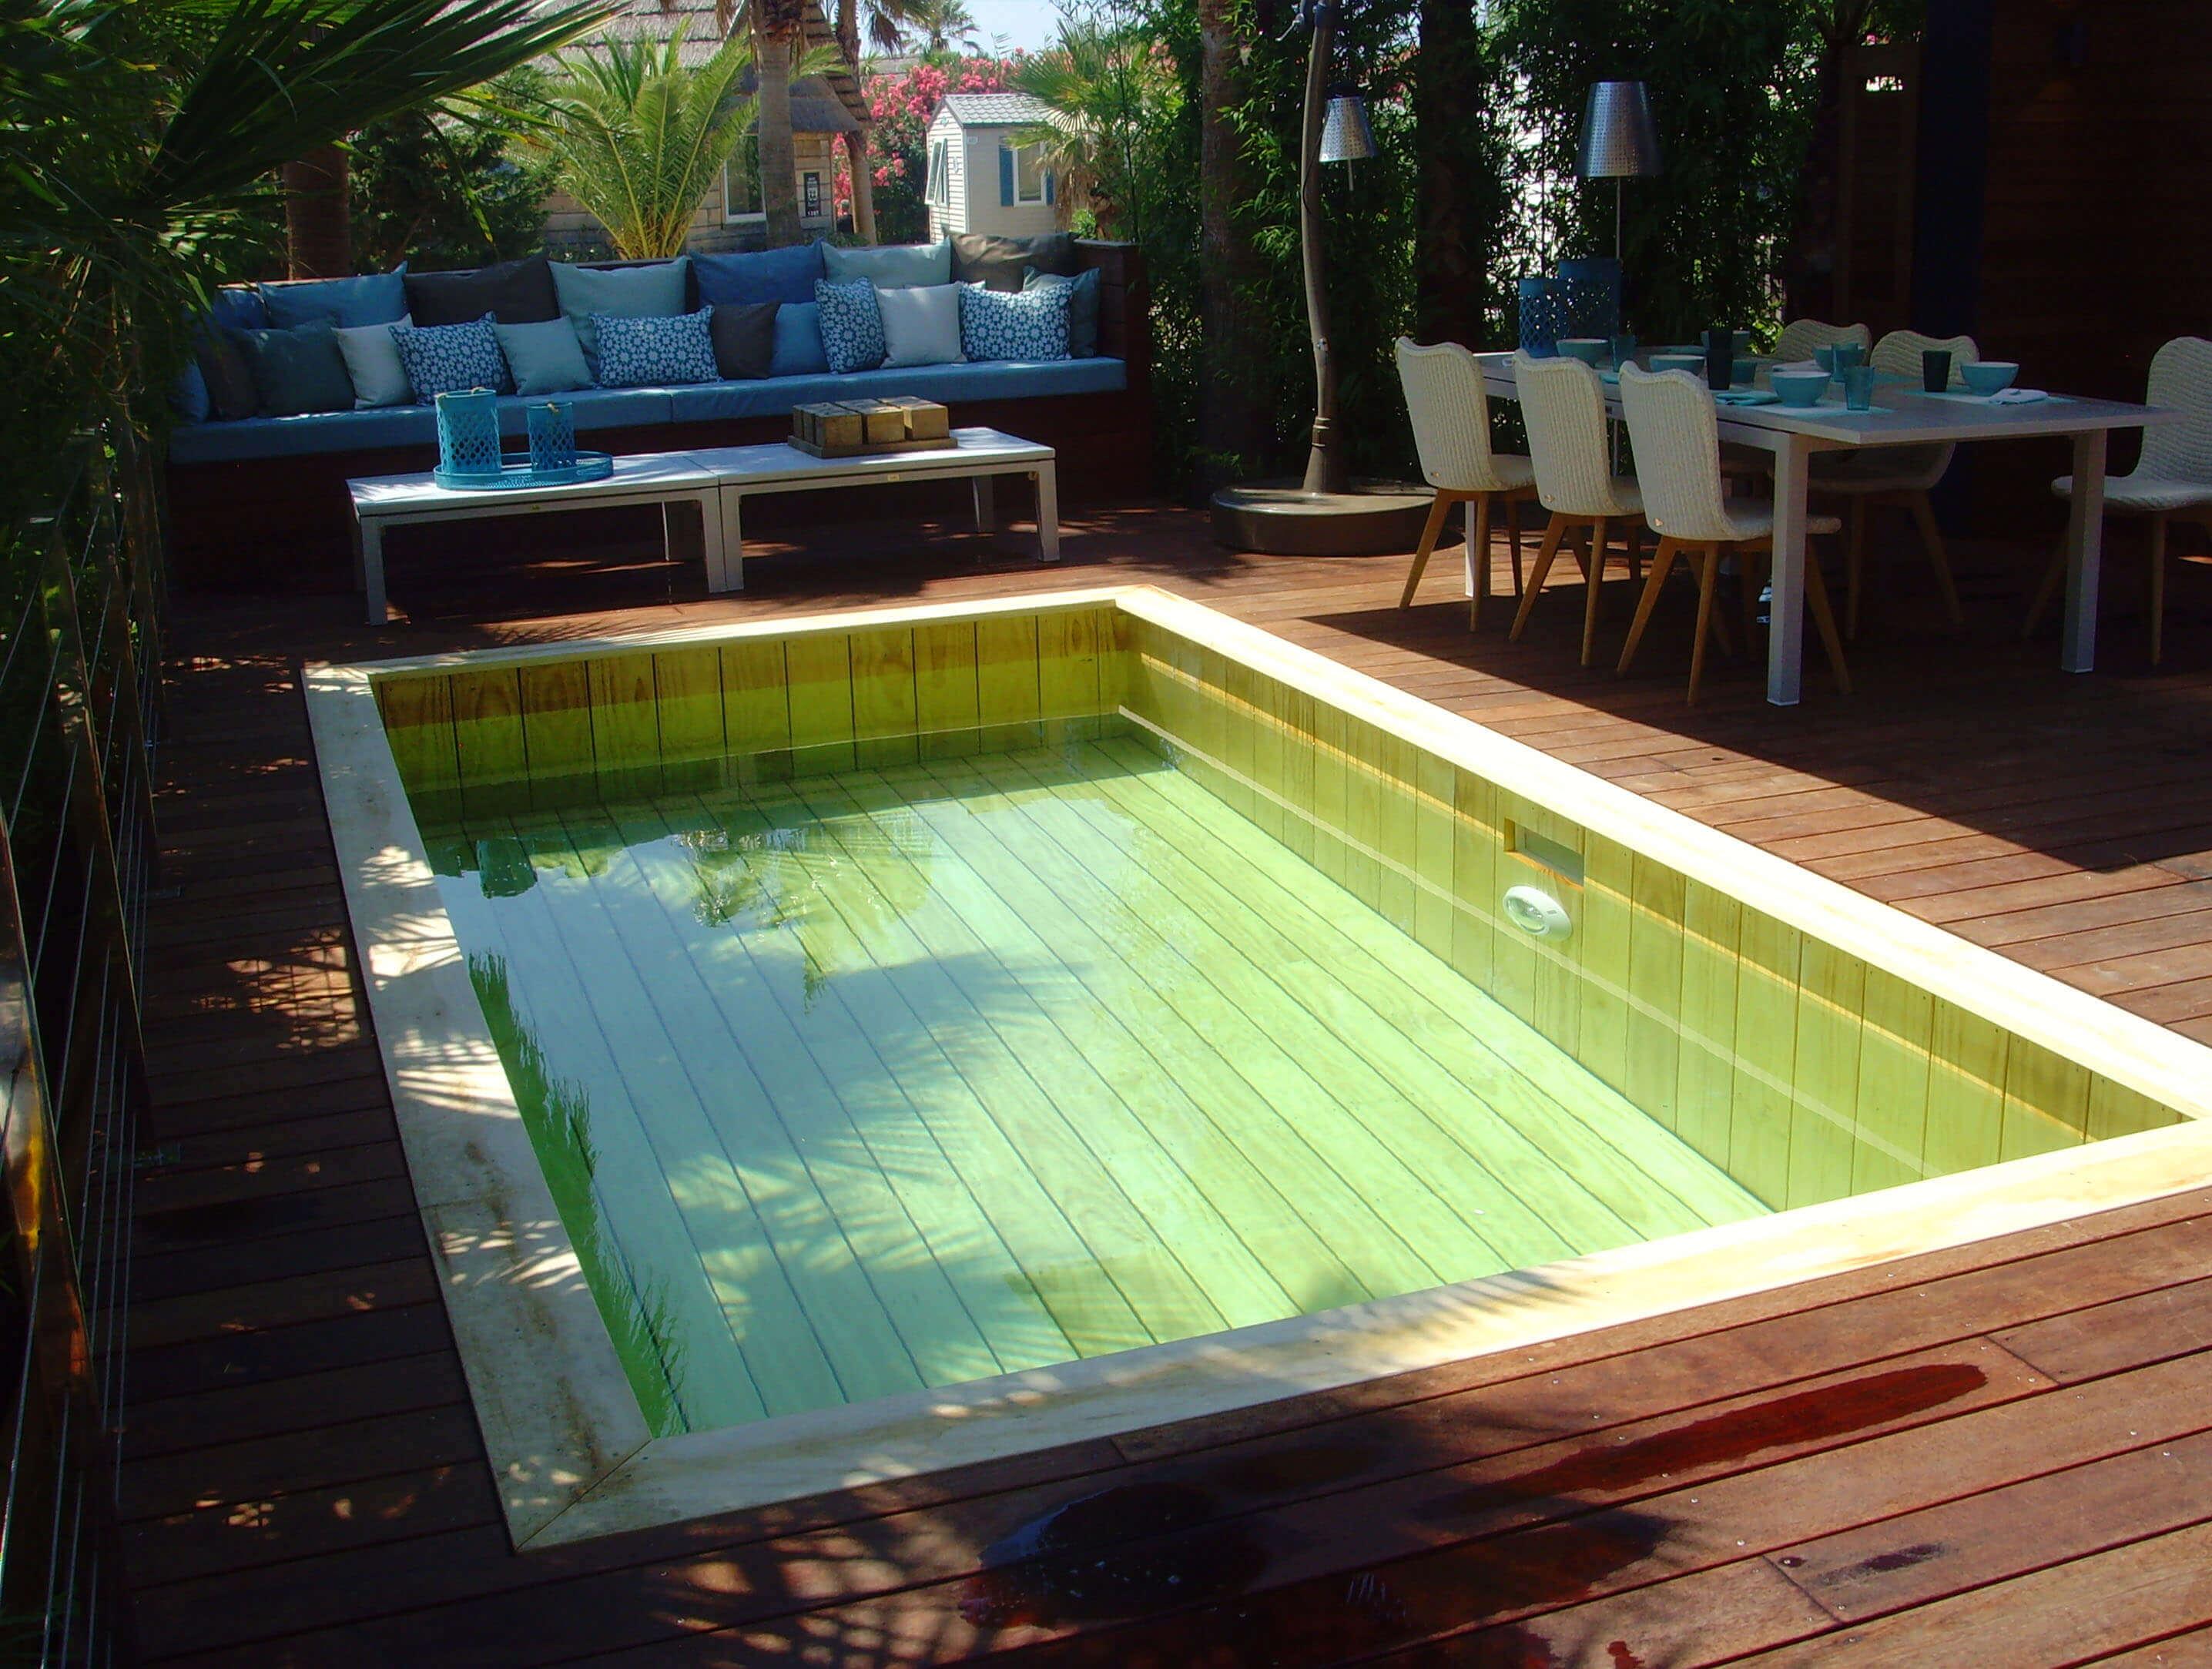 Famous Fabricant piscine et jacuzzi spa sur mesure 100% bois à Toulon Var YE47